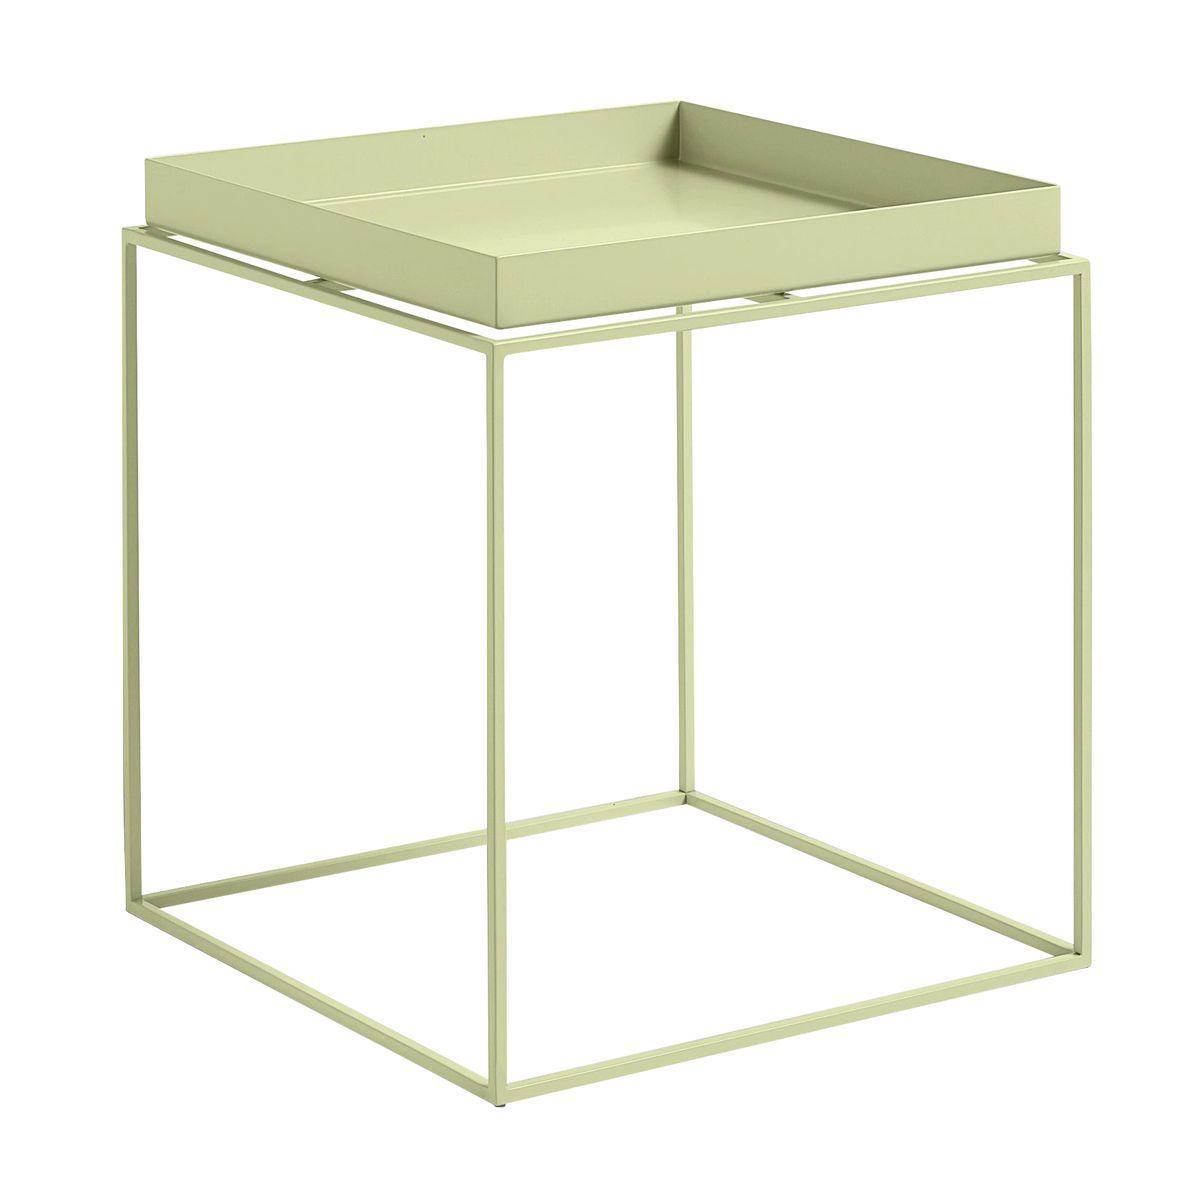 tray table beistelltisch quadratisch hay. Black Bedroom Furniture Sets. Home Design Ideas